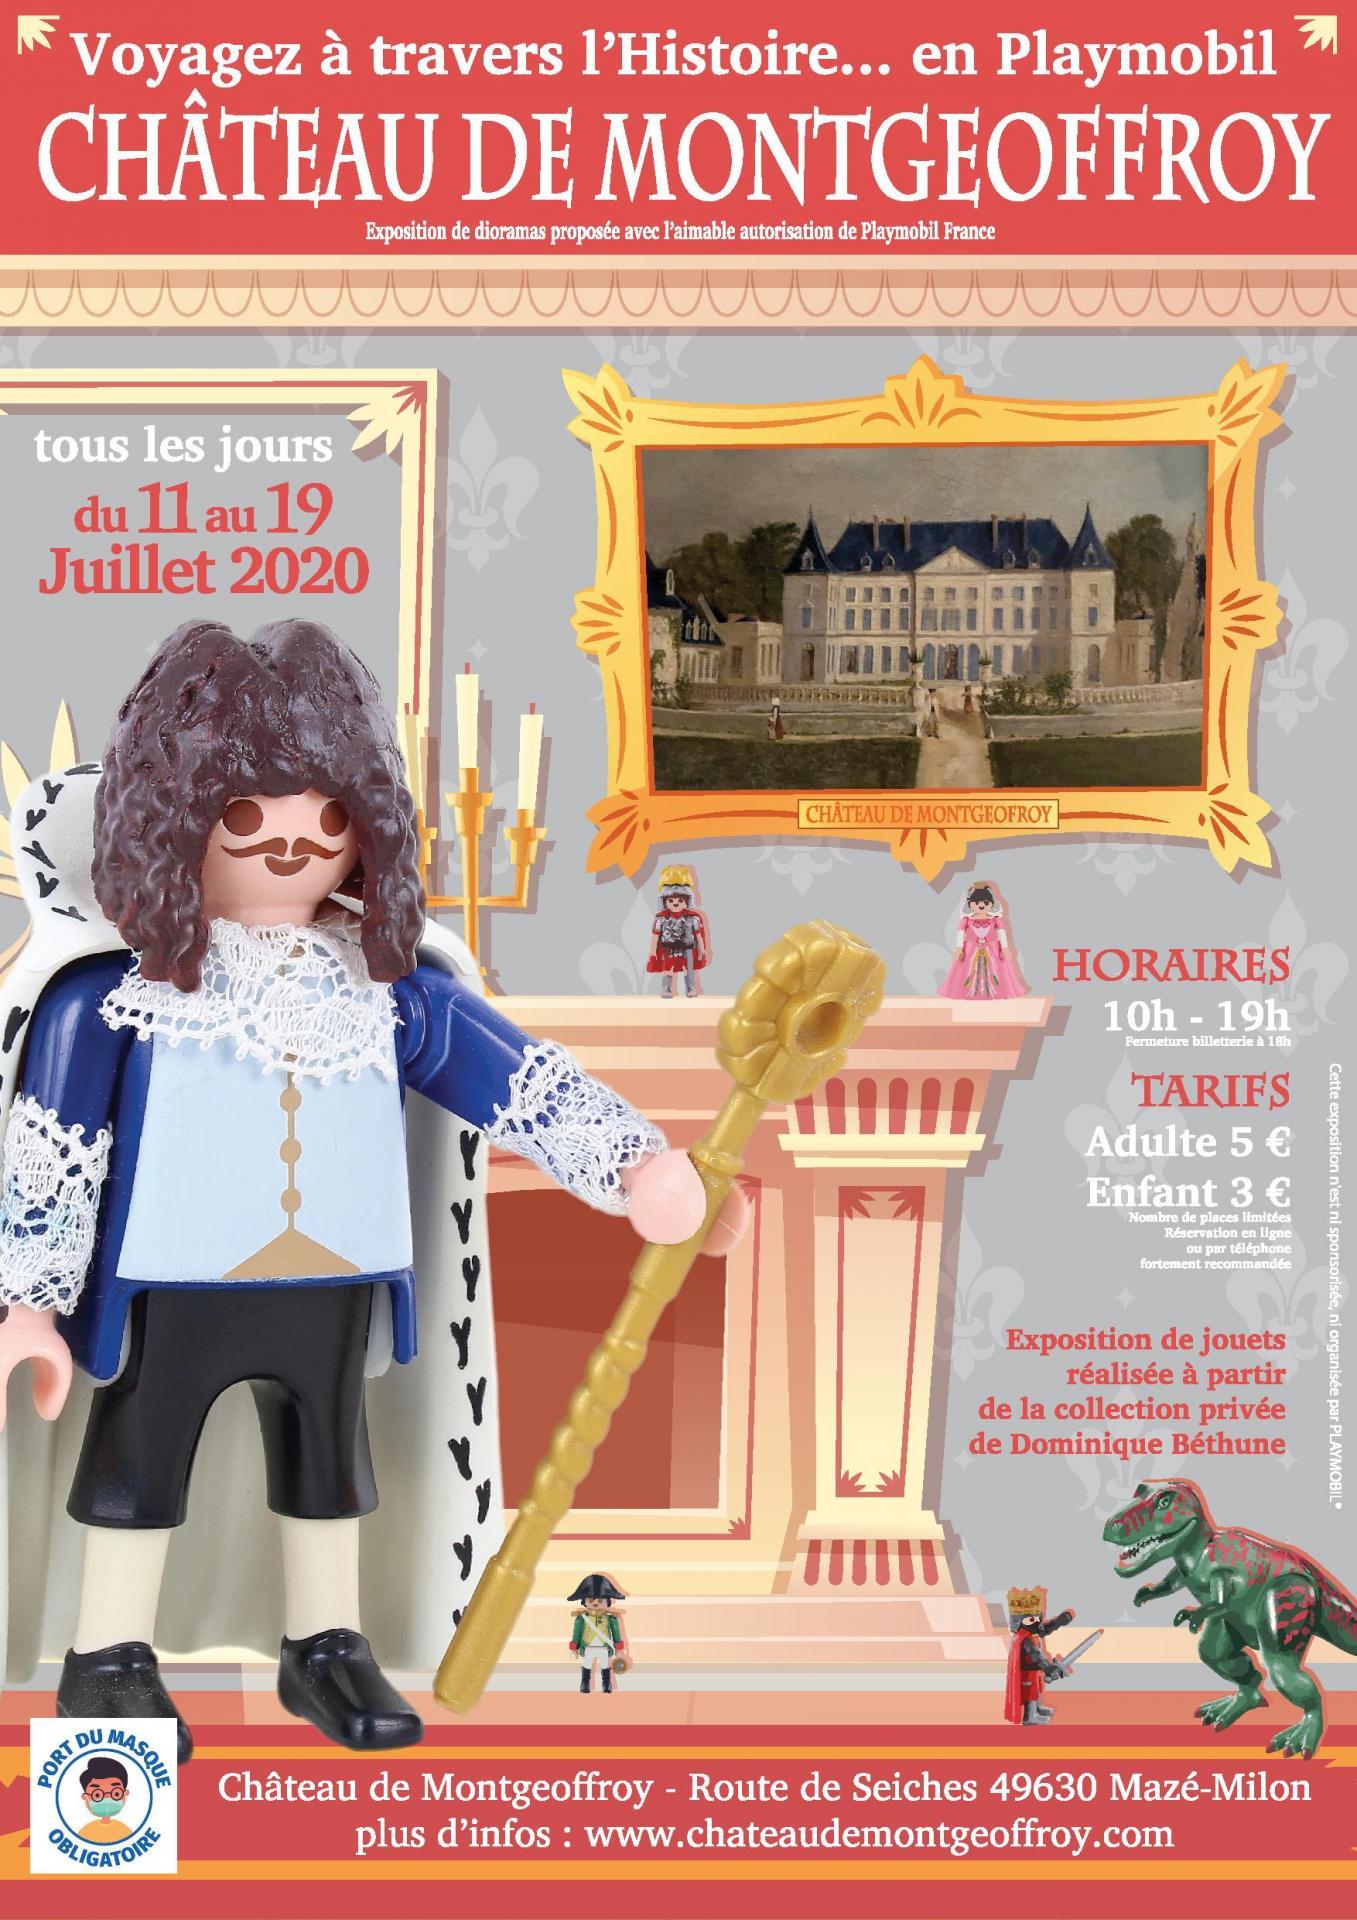 Exposition Playmobil au Château de Montgeoffroy